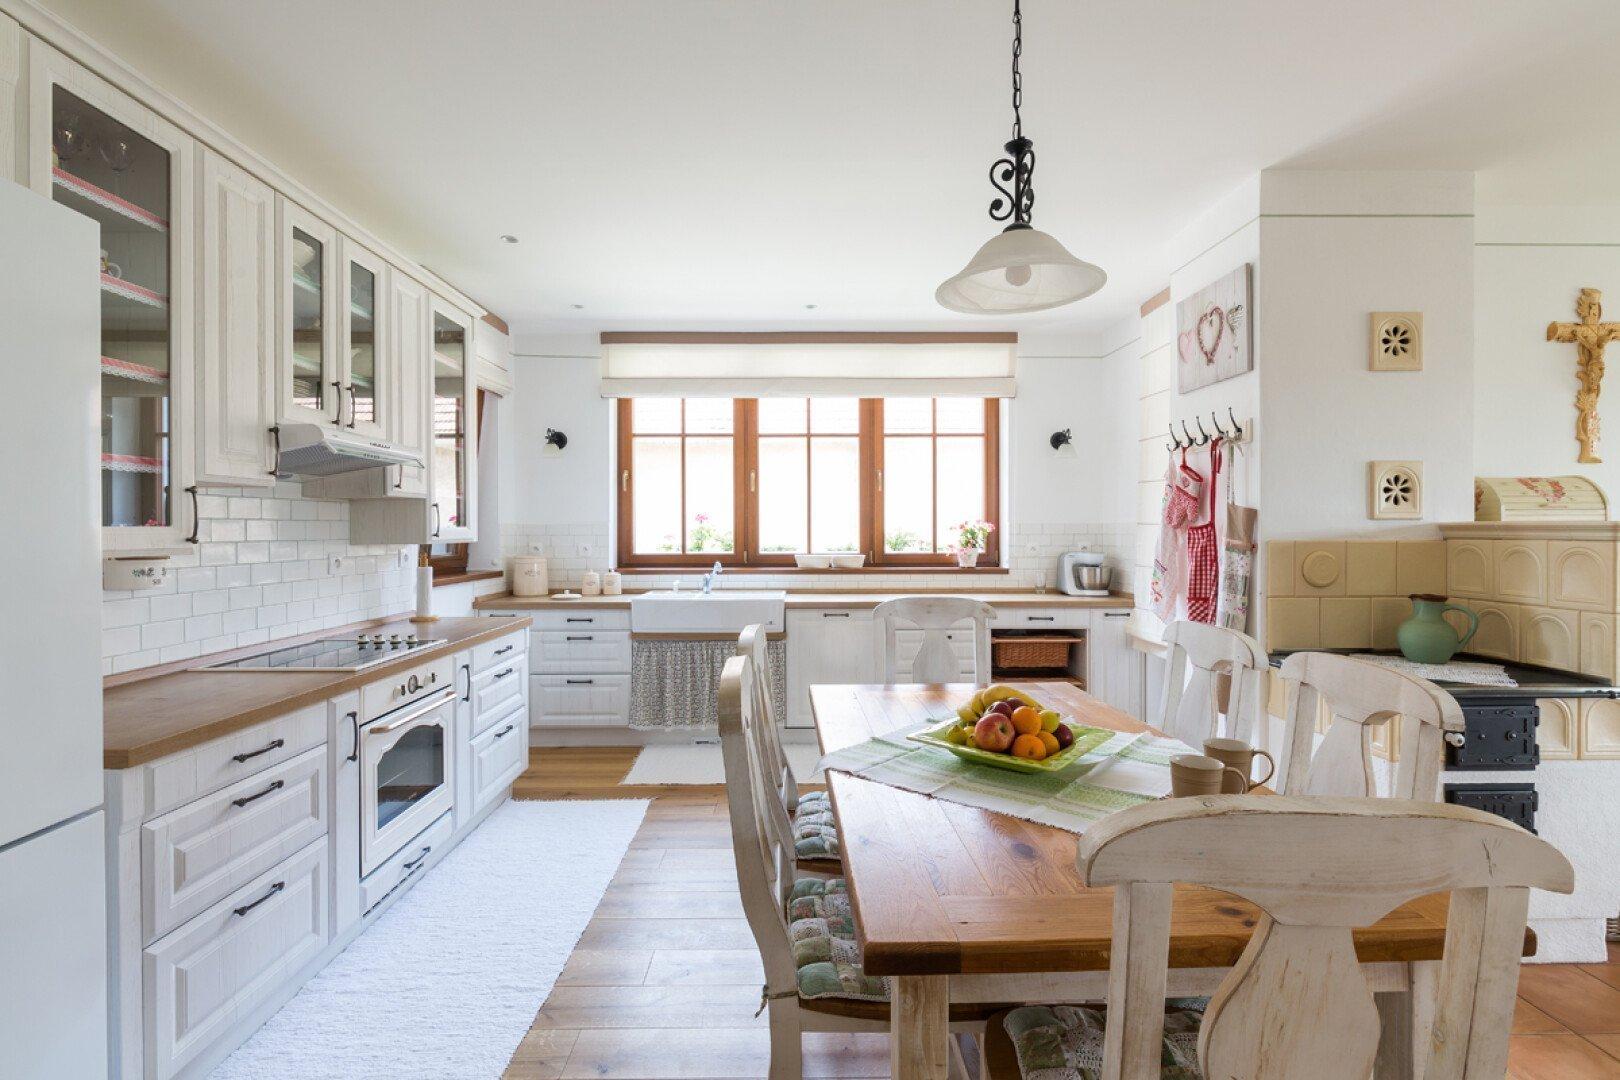 Kuchyně v bílé barvě s pastelovými akcenty, kterou dnes navštívíme alespoň virtuální cestou, je opravdovou pastvou pro oko. Působí jemně, elegantně a neskutečně romanticky. S důrazem na venkovské prvky vytváří útulnou atmosféru, a tak v ní musí být radost vařit, péct i stolovat.